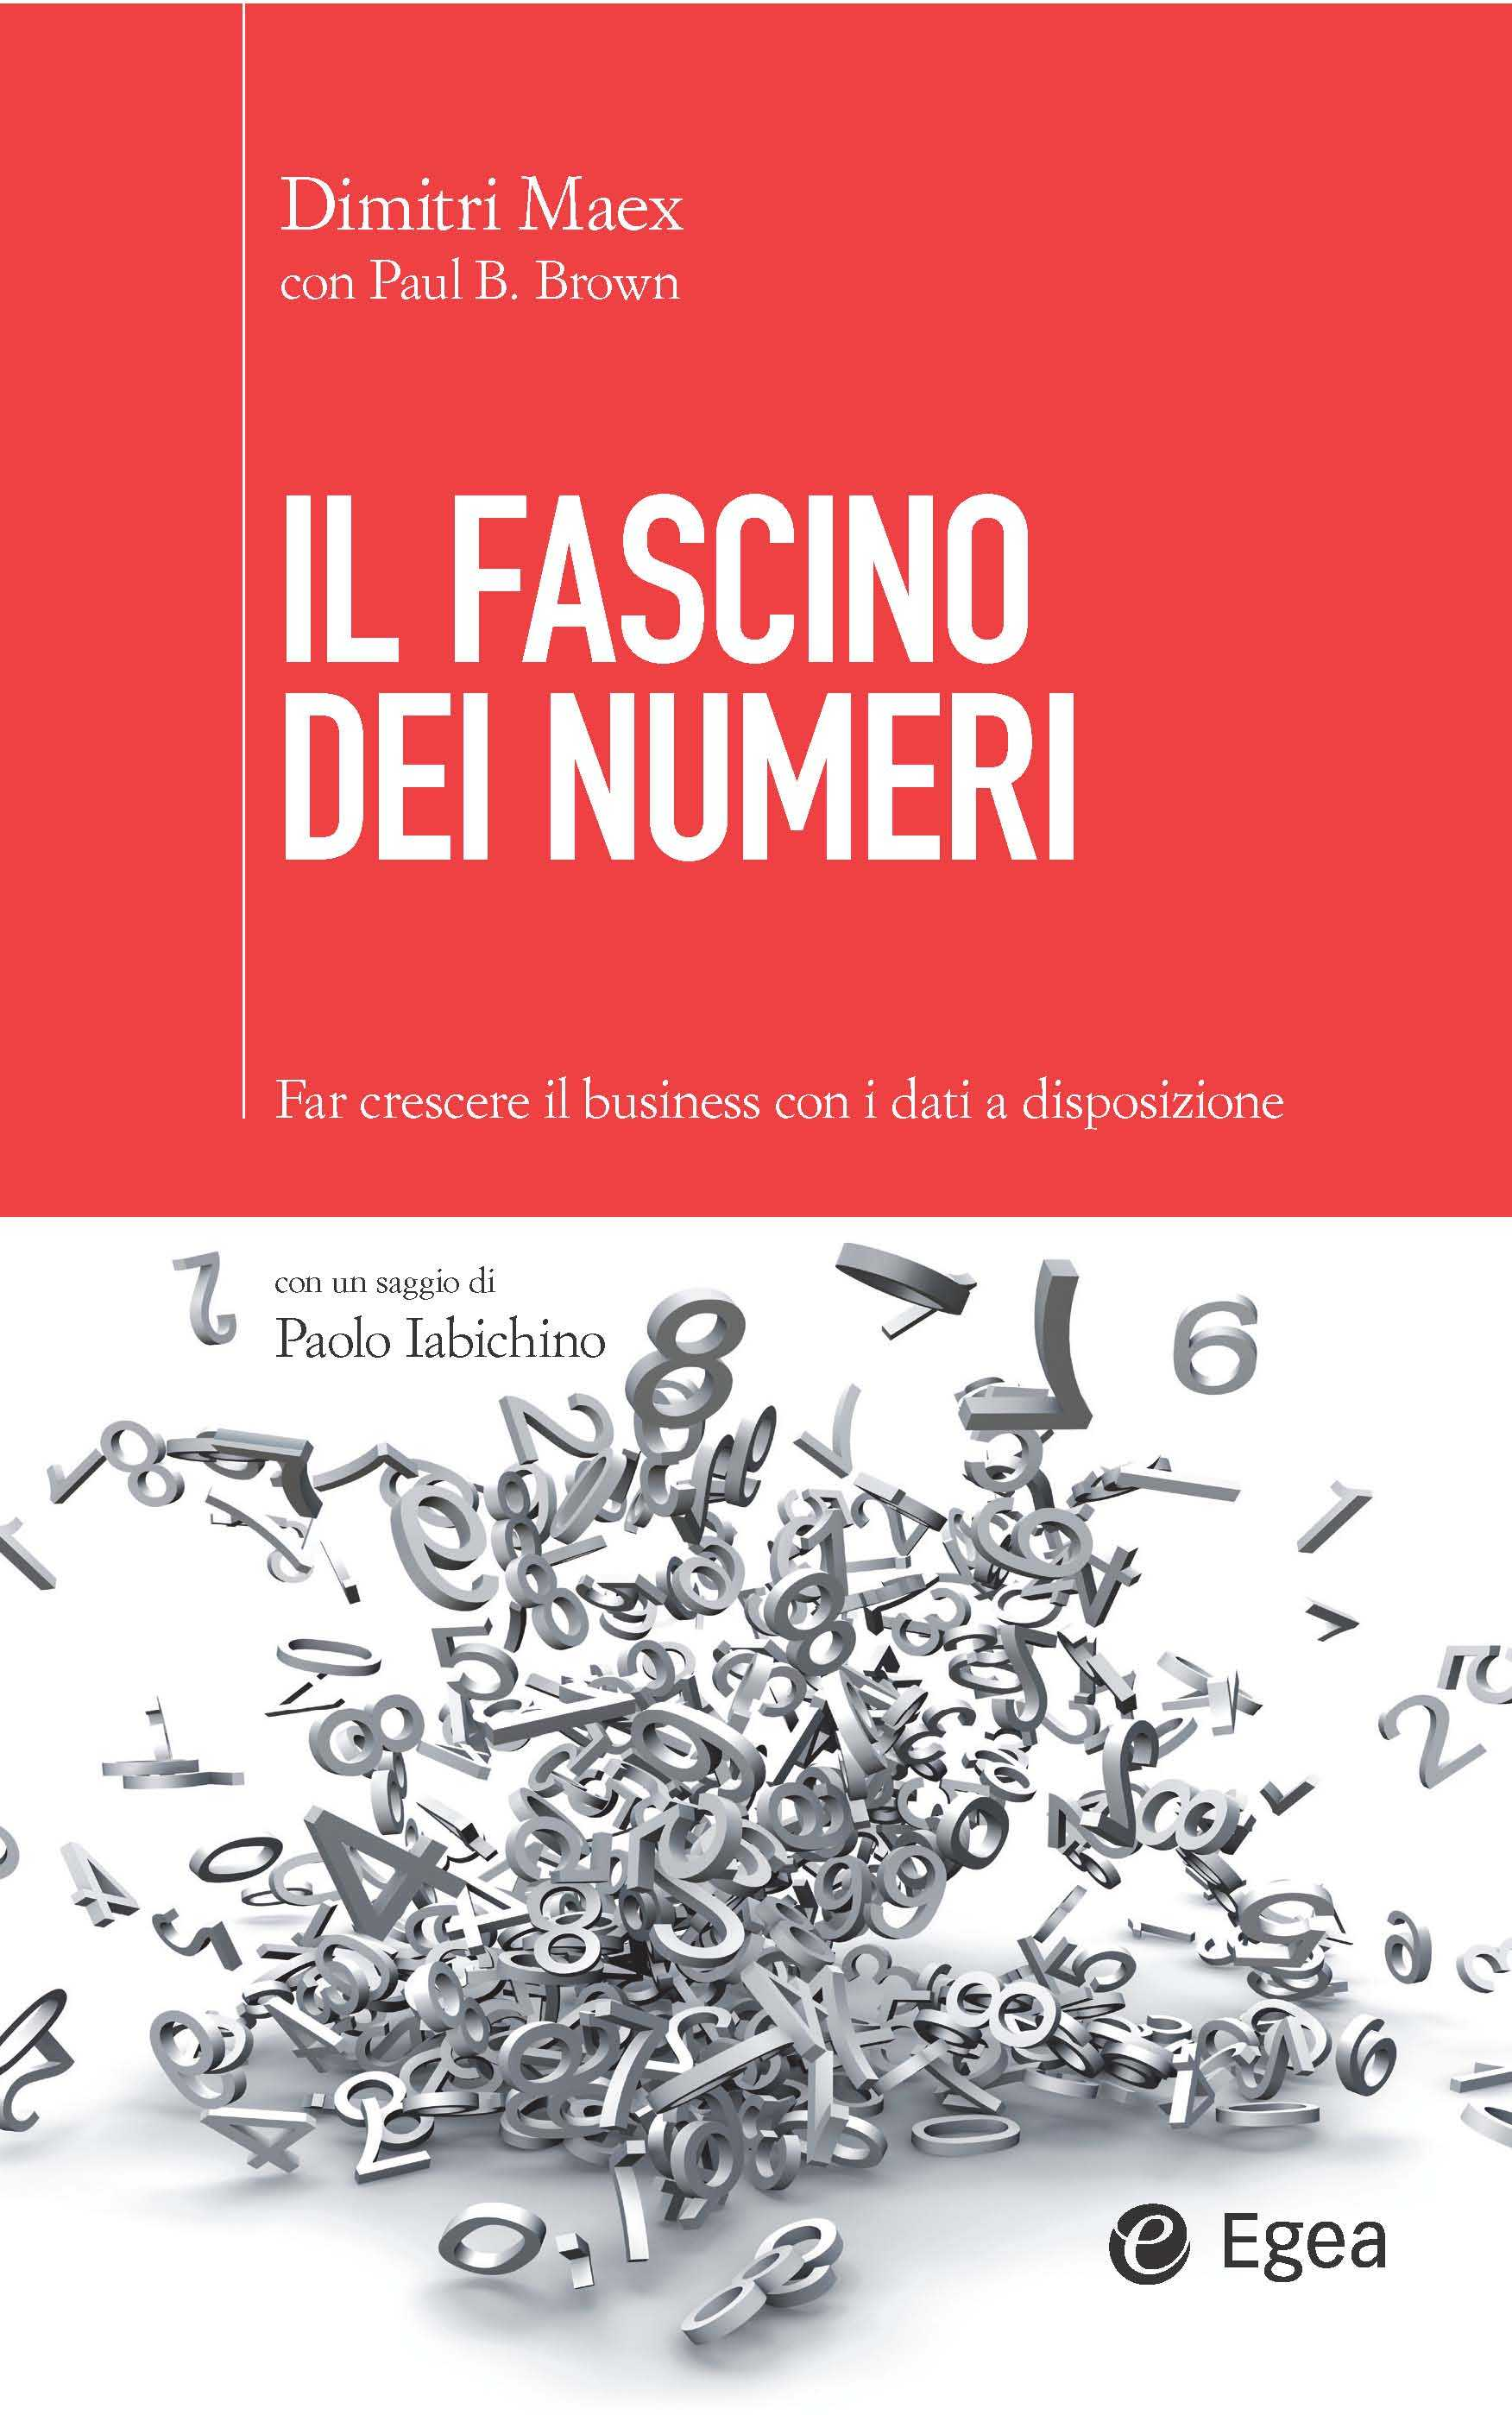 Il Fascino dei Numeri, il manuale per scoprire il ruolo dei dati nella comunicazione e nel marketing [RECENSIONE]